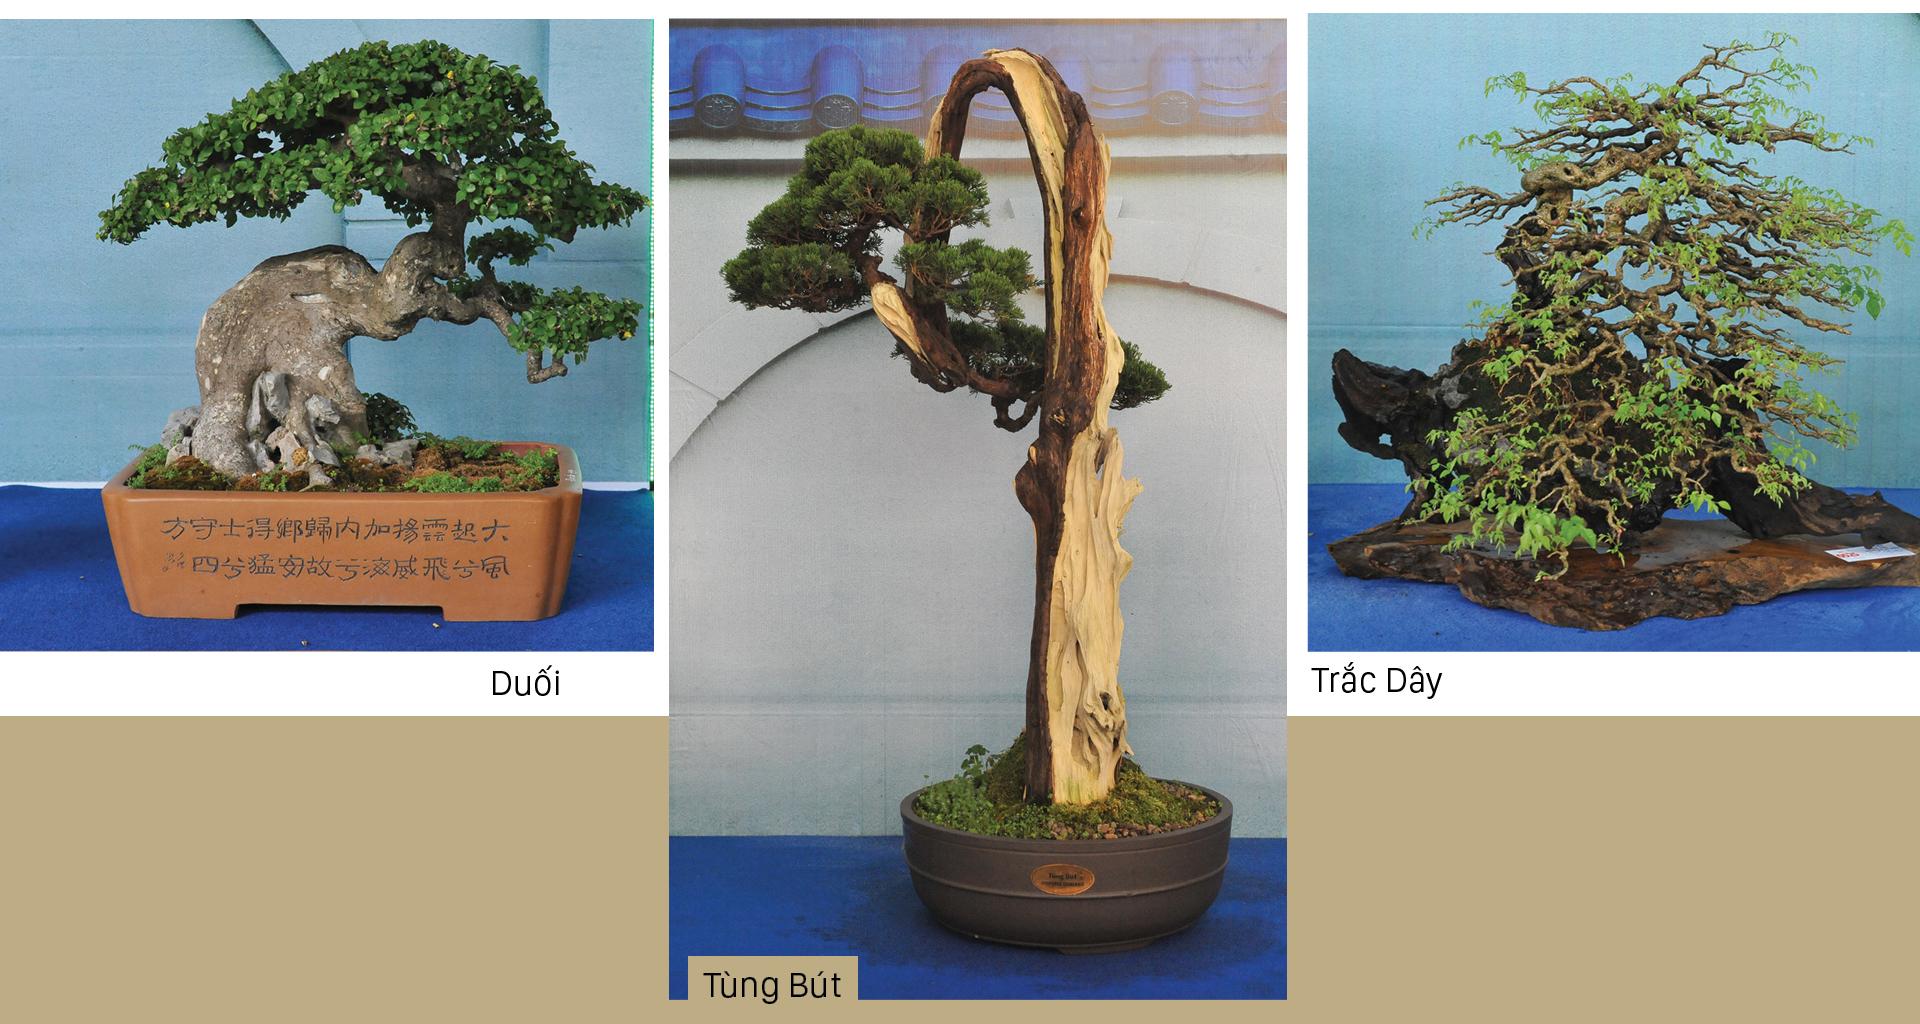 Nghệ thuật bonsai, thú chơi tao nhã ảnh 3